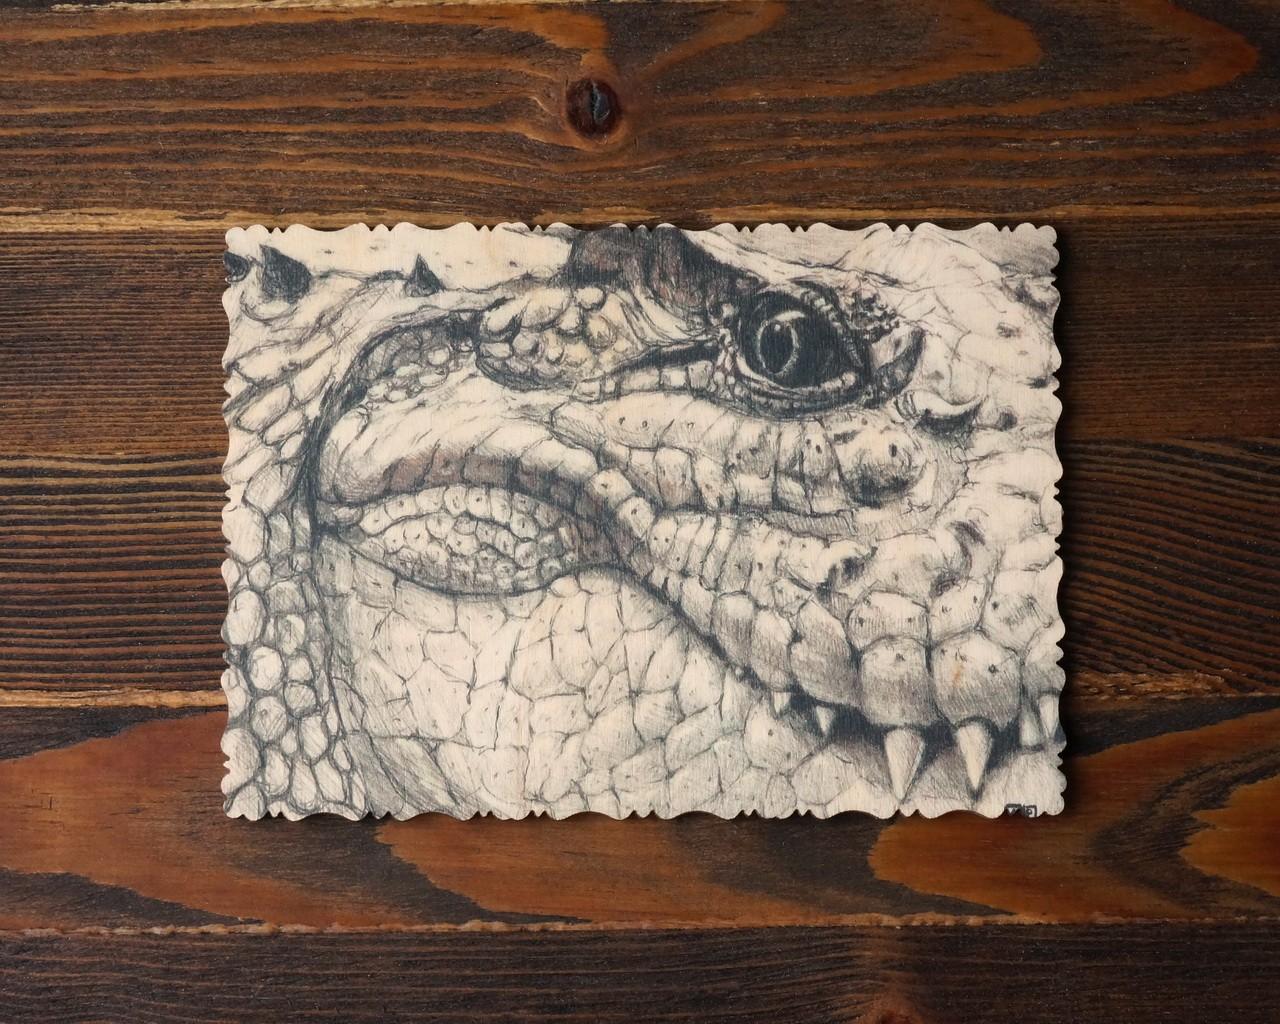 """Деревянная открытка """"Крокодил"""" Артура Шугурова, графика"""